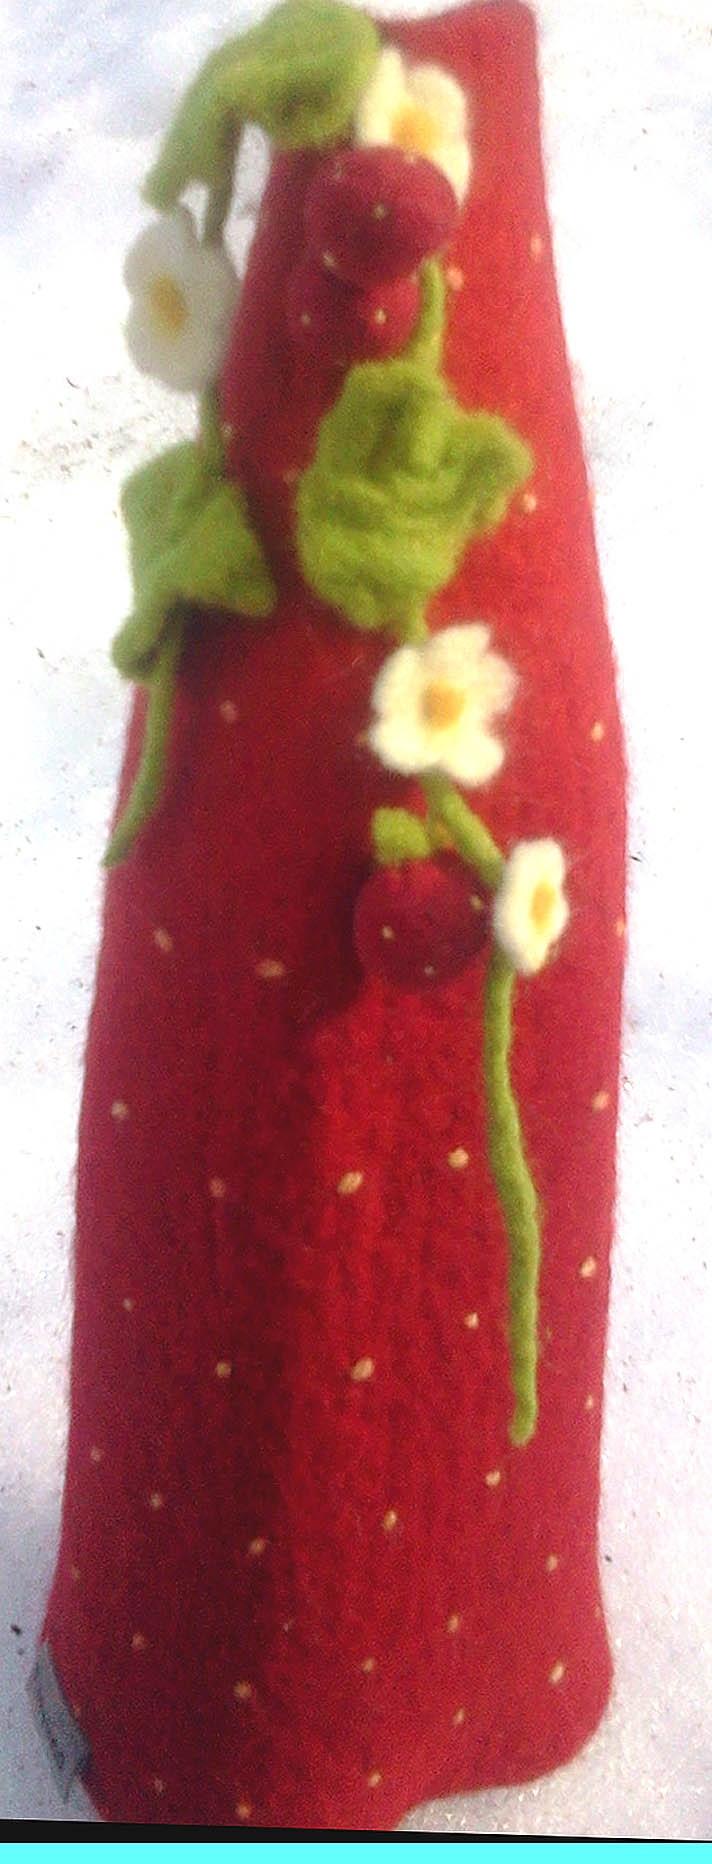 Strawberrycooler